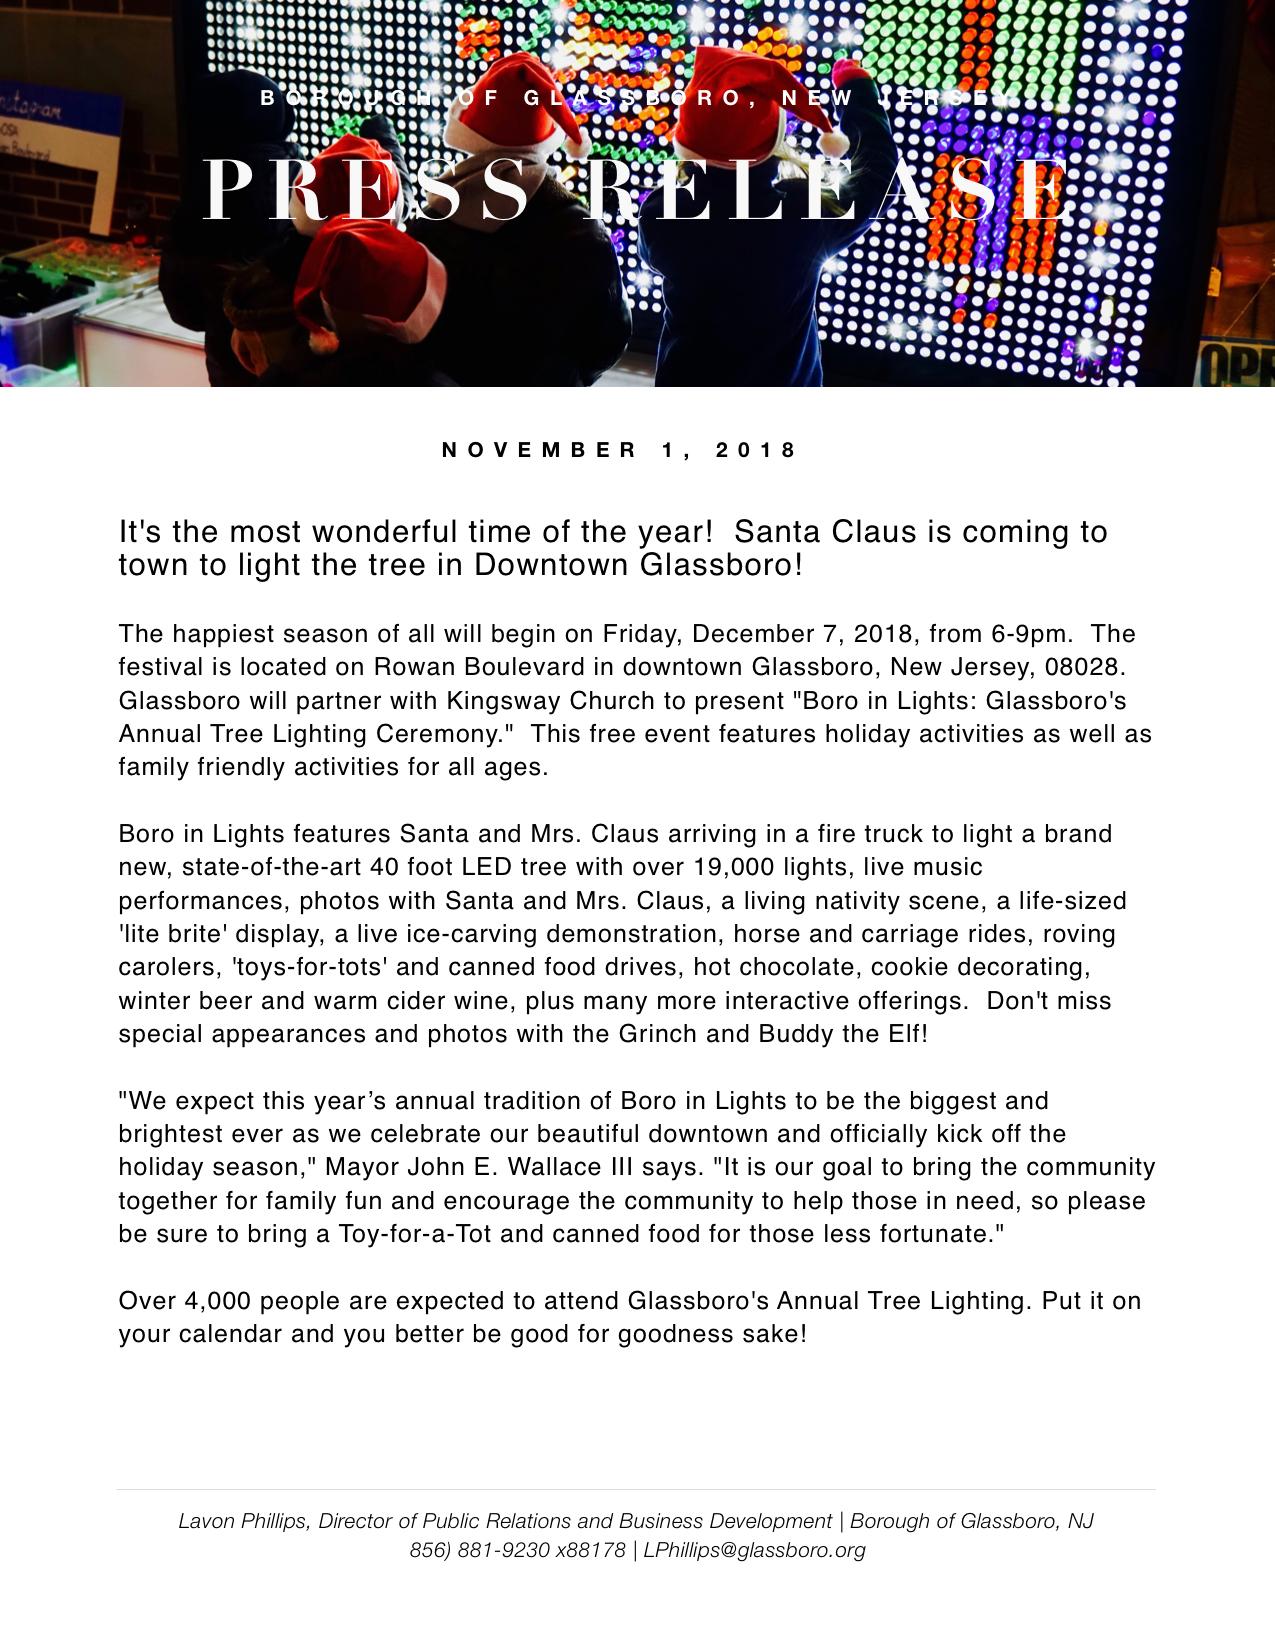 Glassboro NJ Press Release 2018 Boro in Lights.jpeg